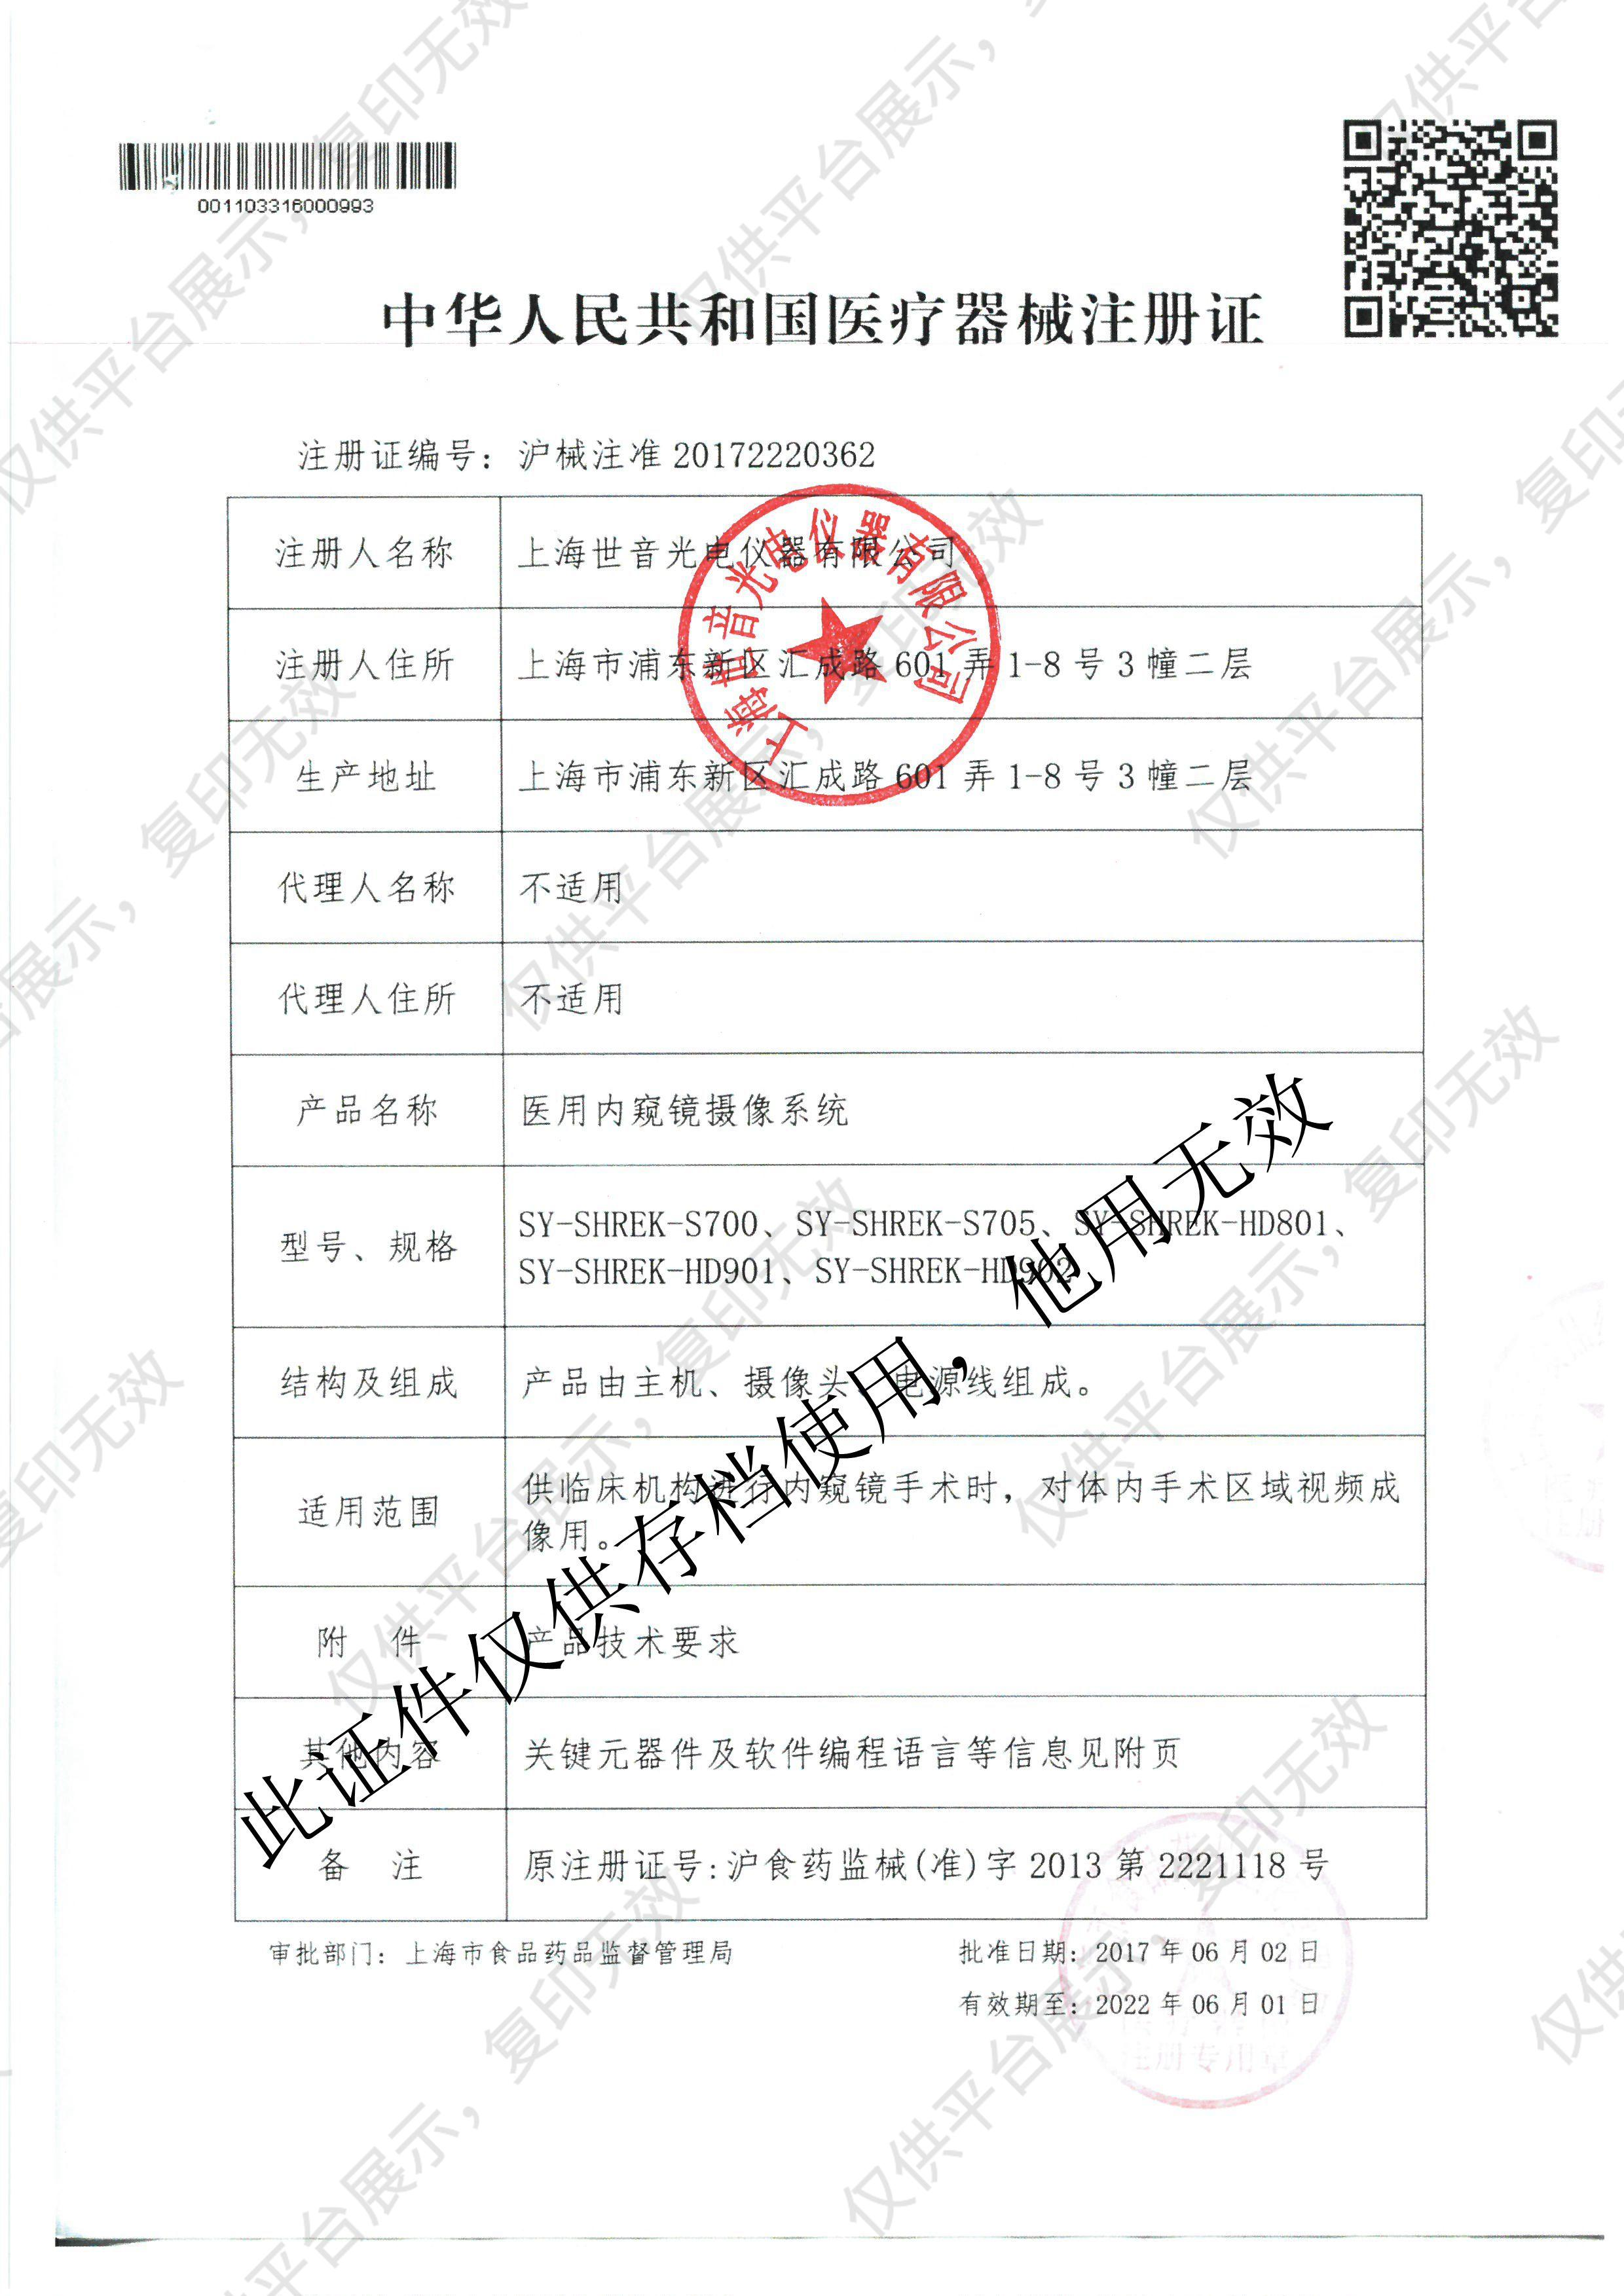 世音SHREK 医用内窥镜摄像系统SY-SHREK-S705注册证